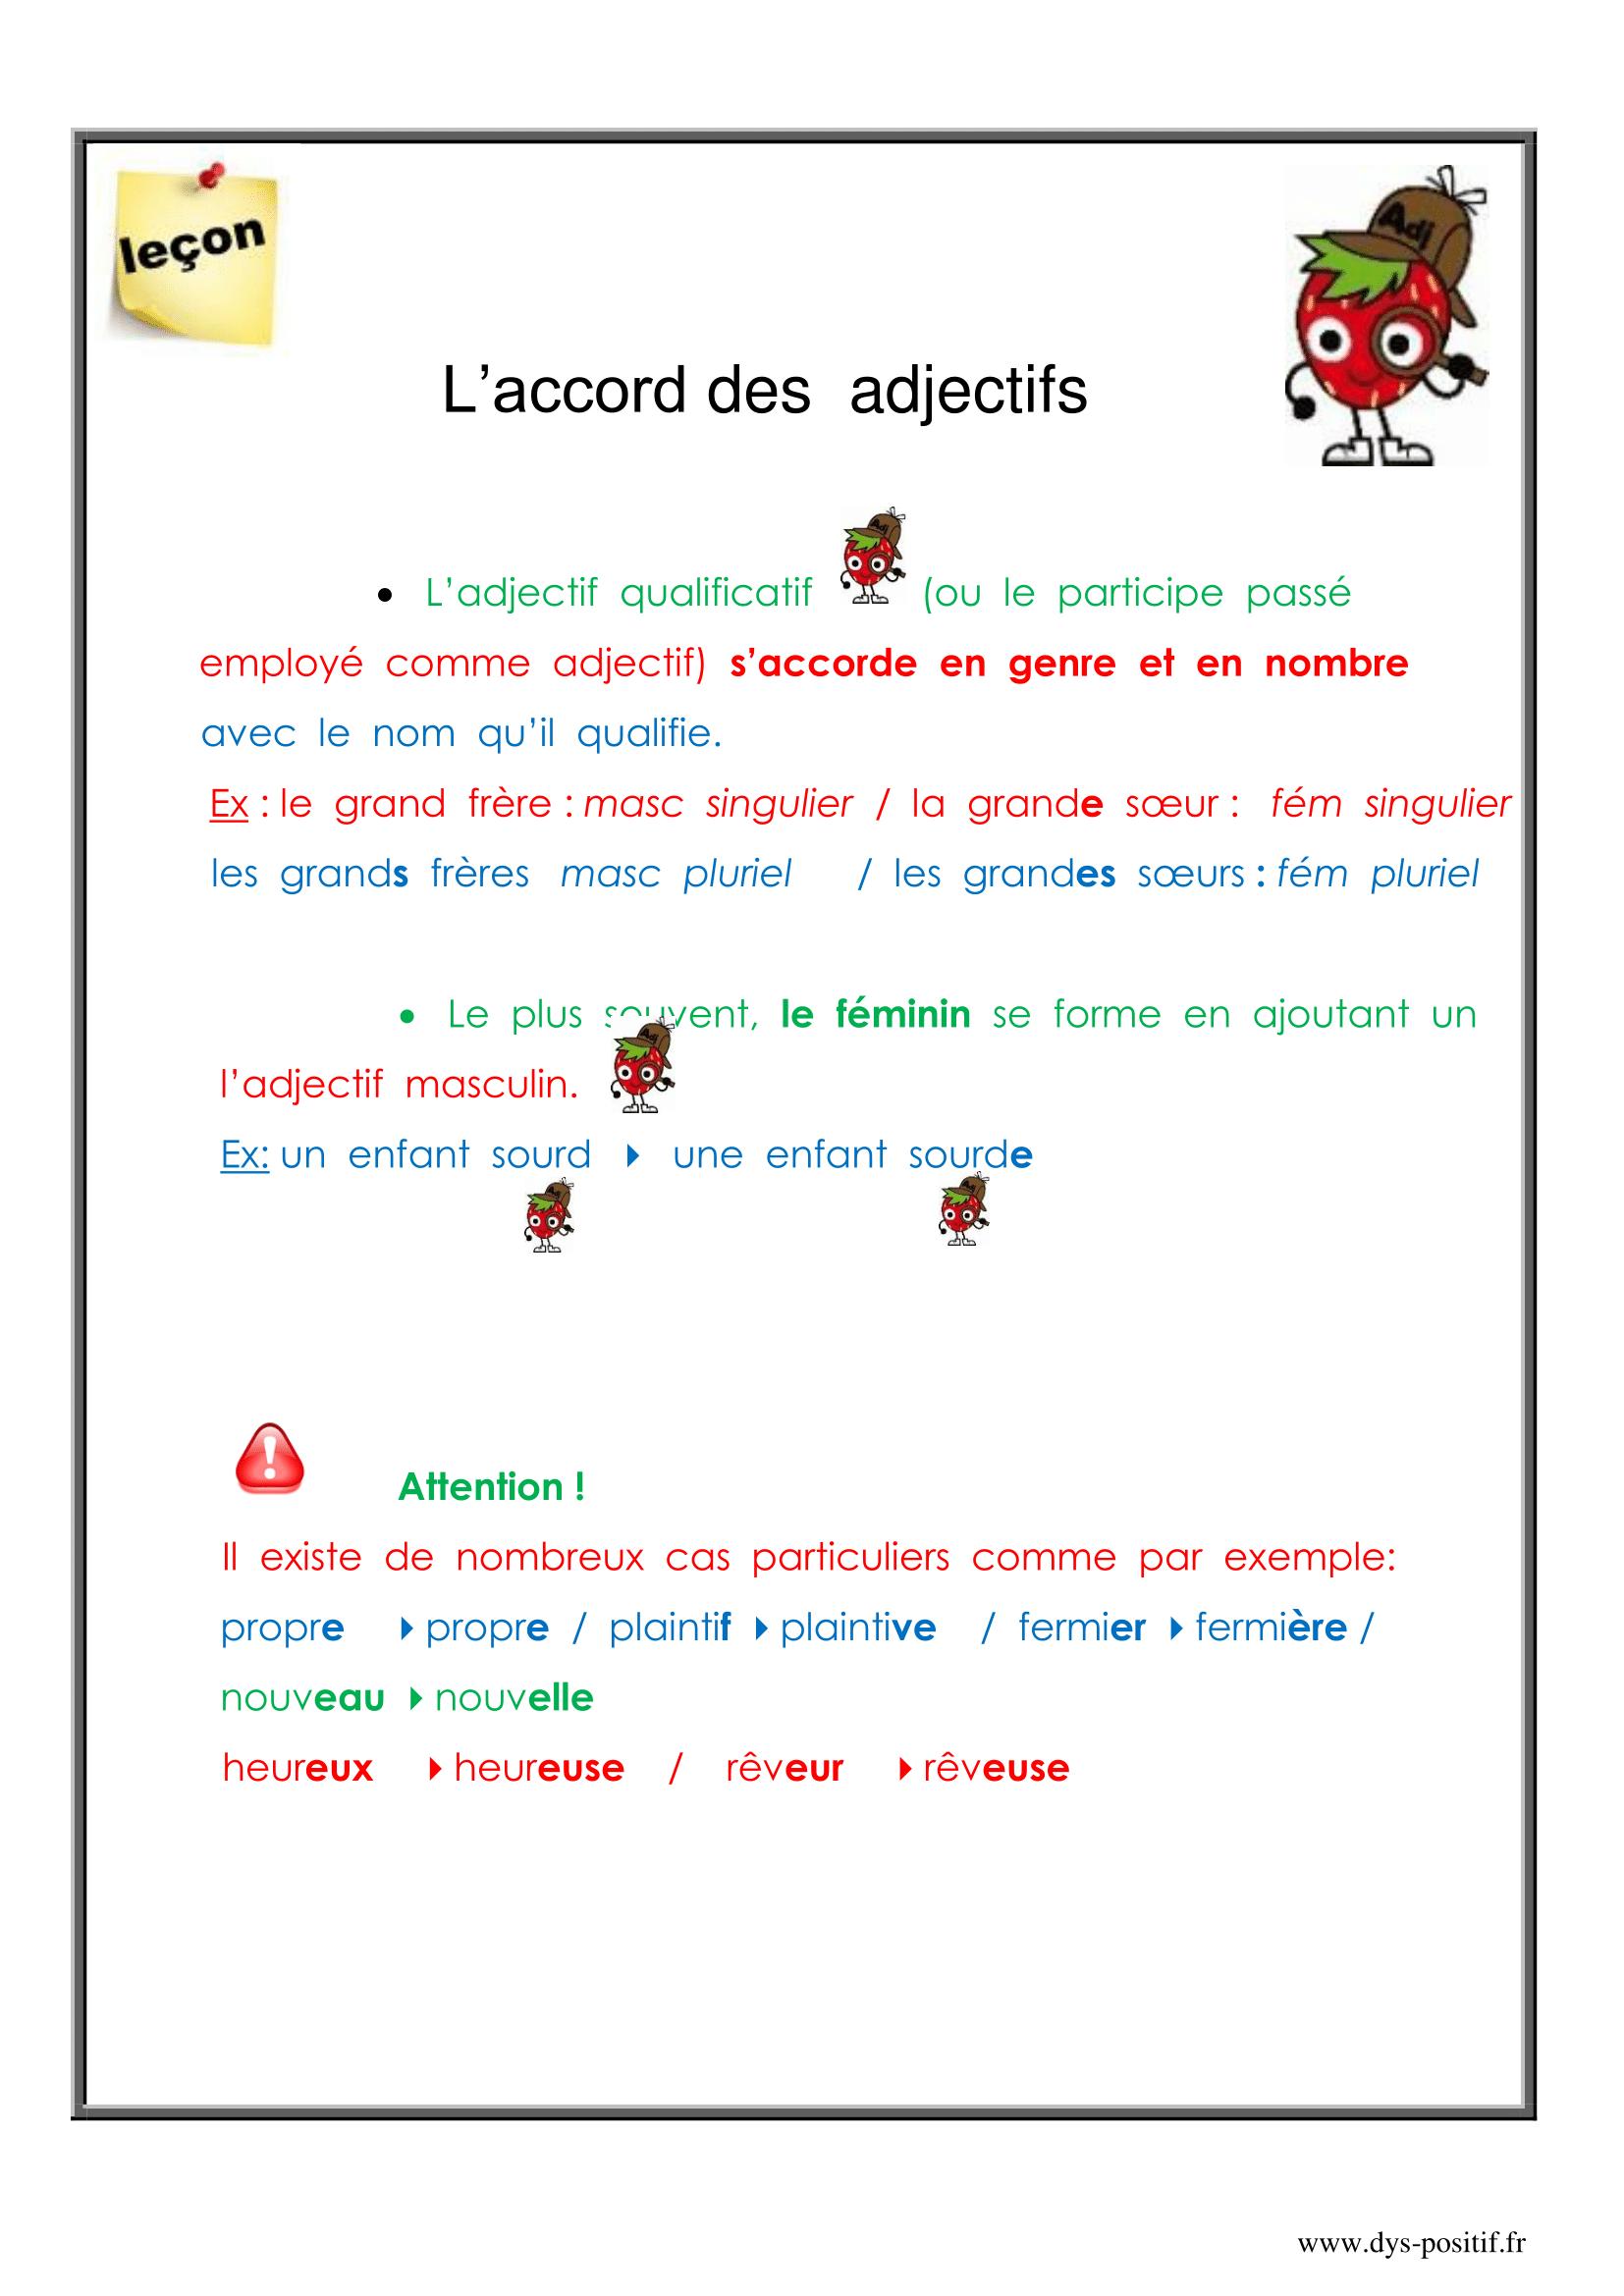 Lecon Accord Des De Couleur Orthographe Cm2 Orthographe Cm2 Accord Des Adjectifs Adjectifs